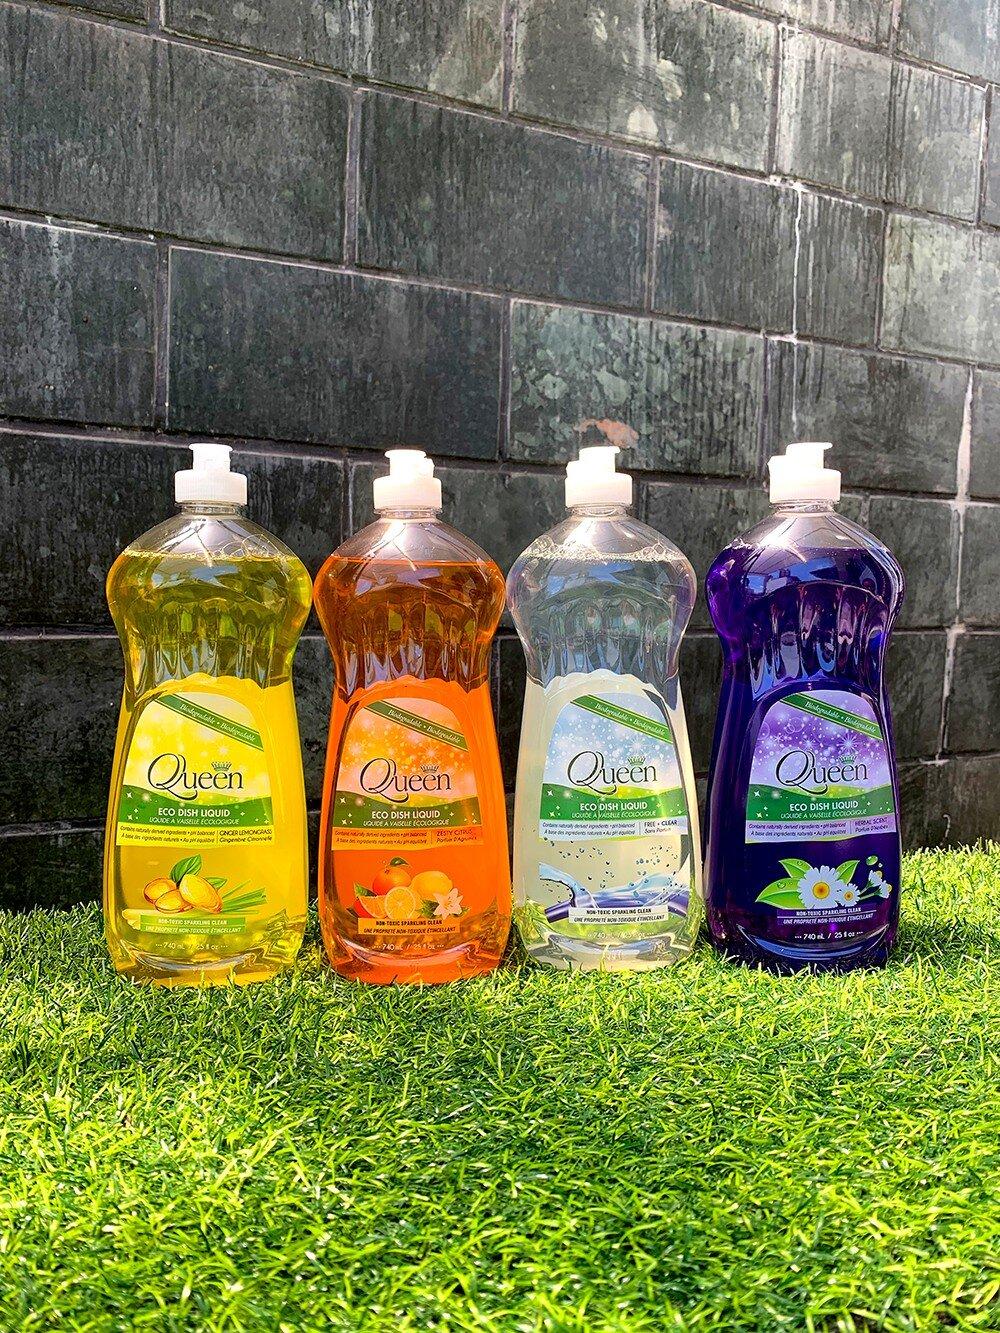 Có rất nhiều loại nước rửa chén Queen với mùi thơm khác nhau